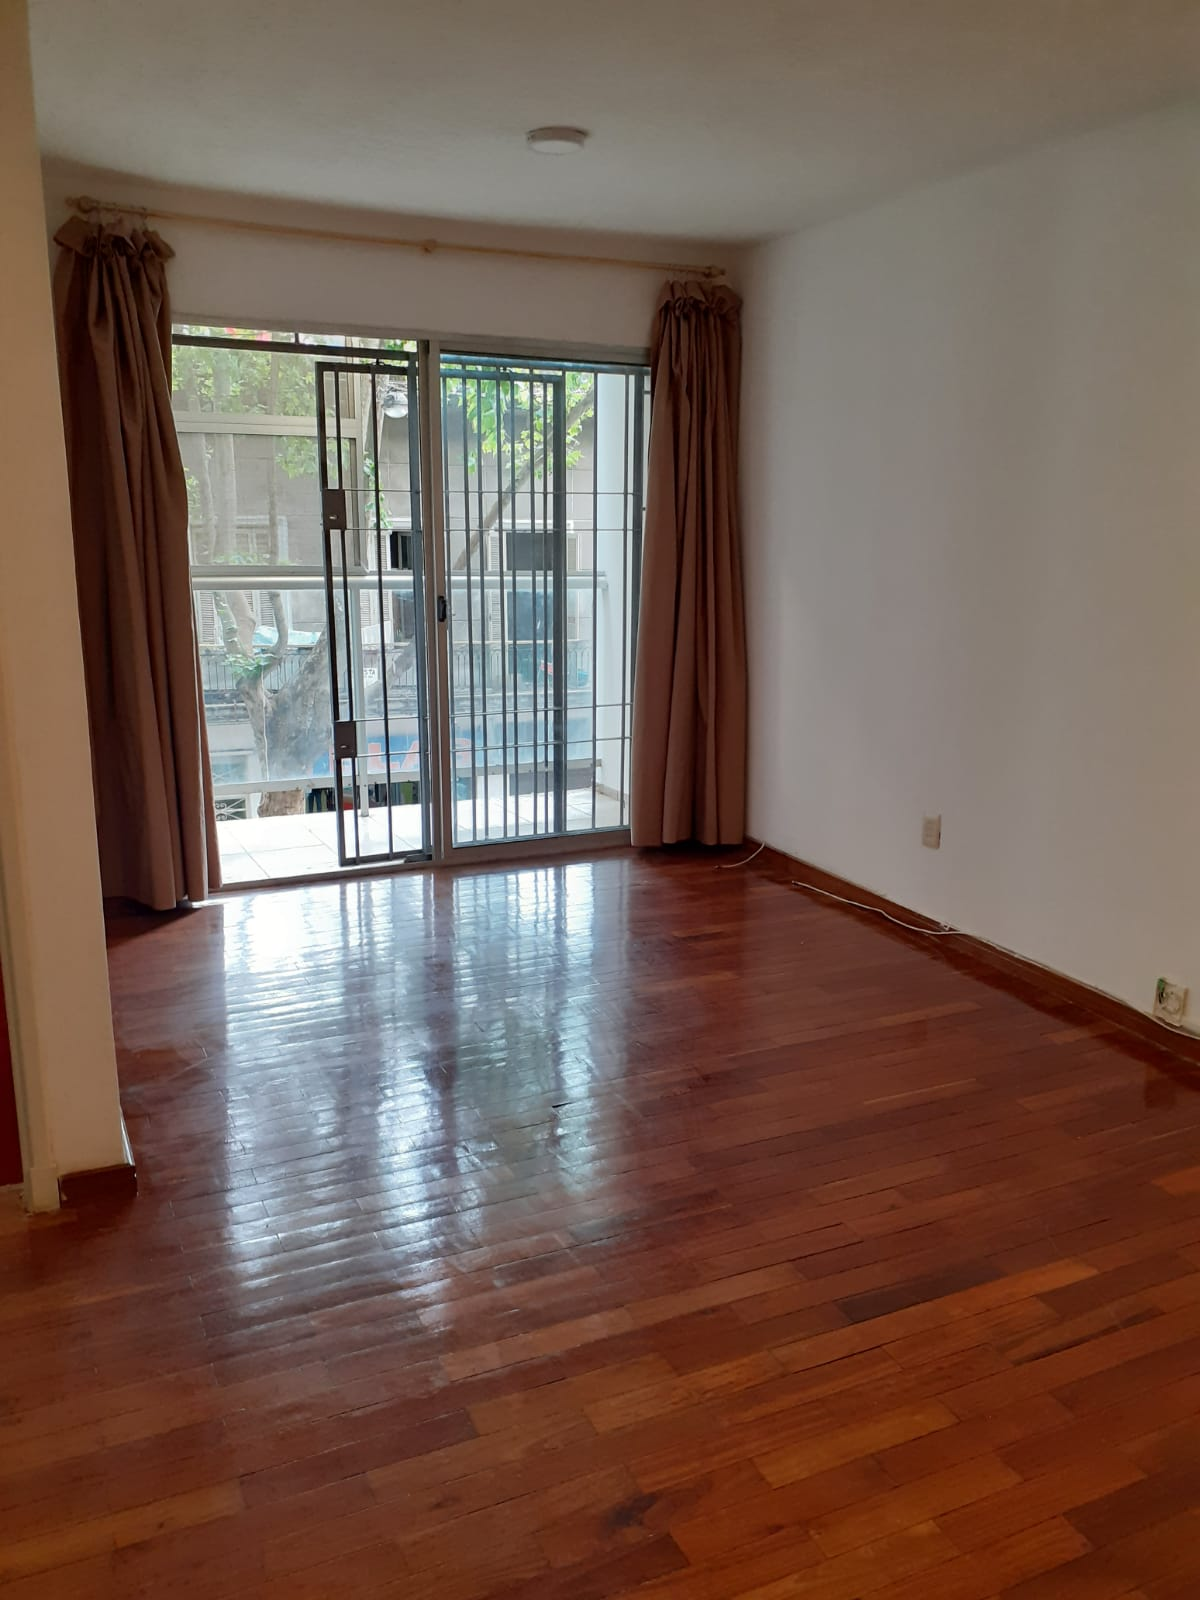 Alquiler Apartamento de 1 dormitorio en Centro.